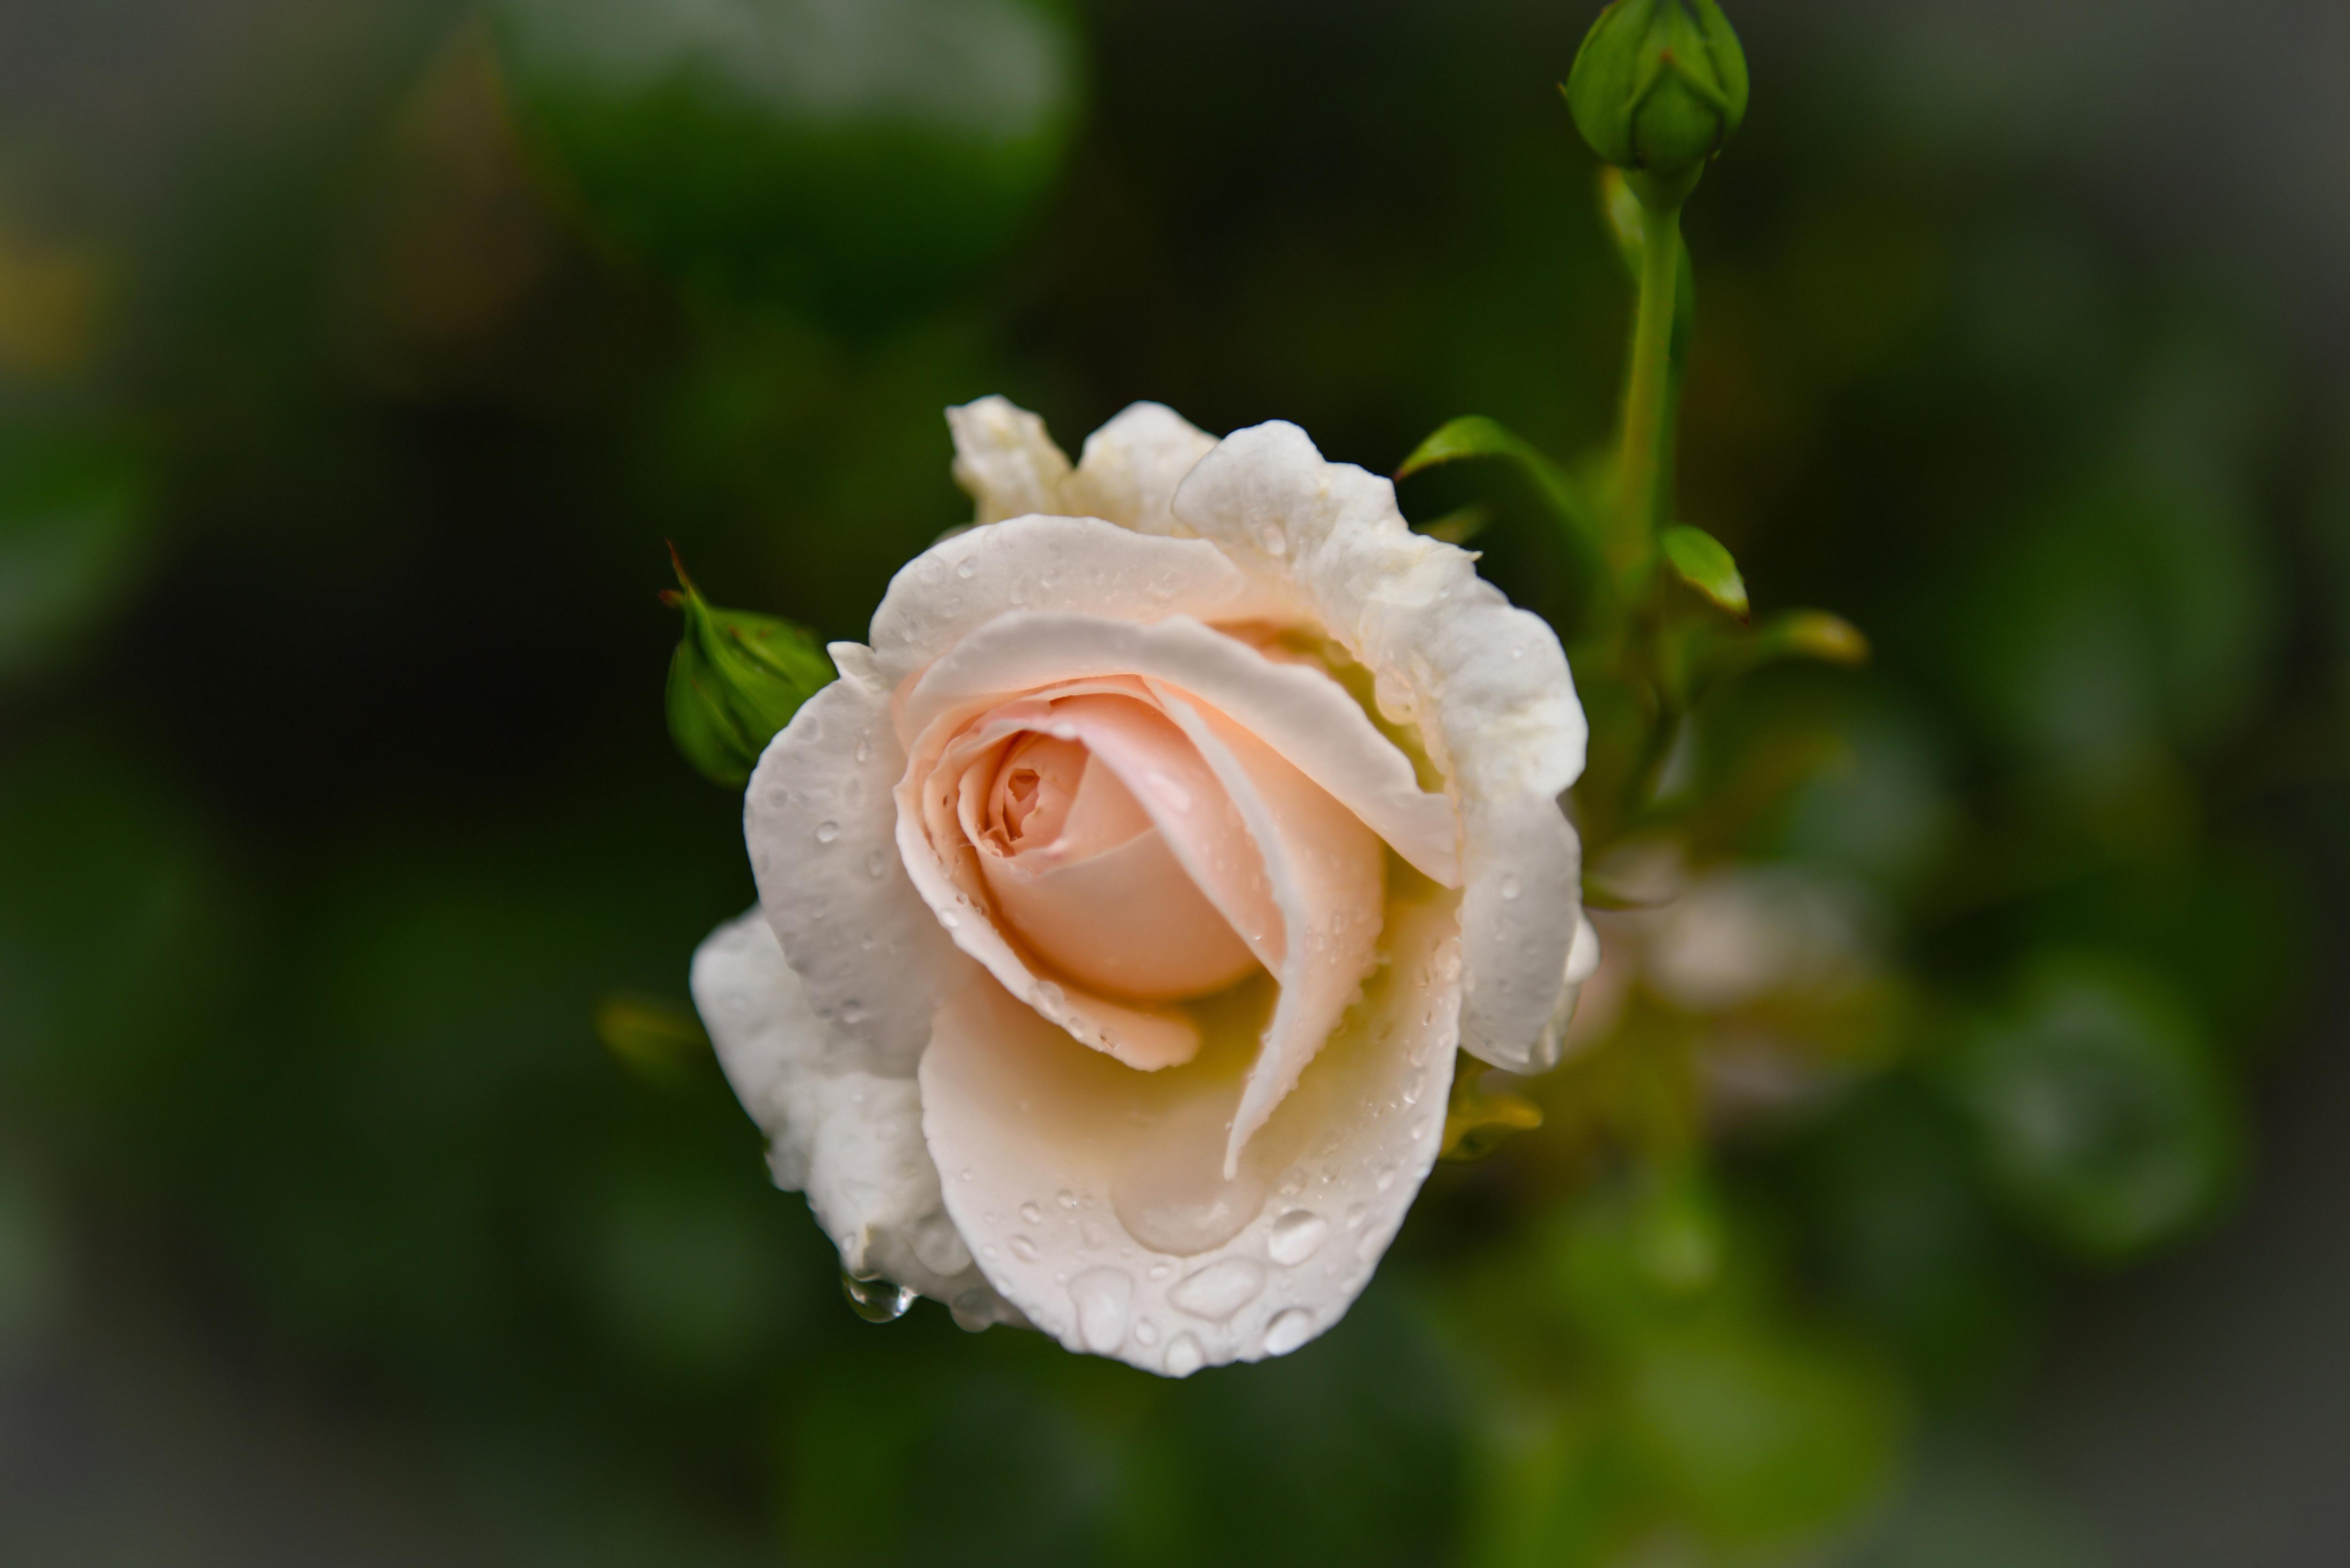 розы,капли,бутоны,зелень  № 759606 загрузить